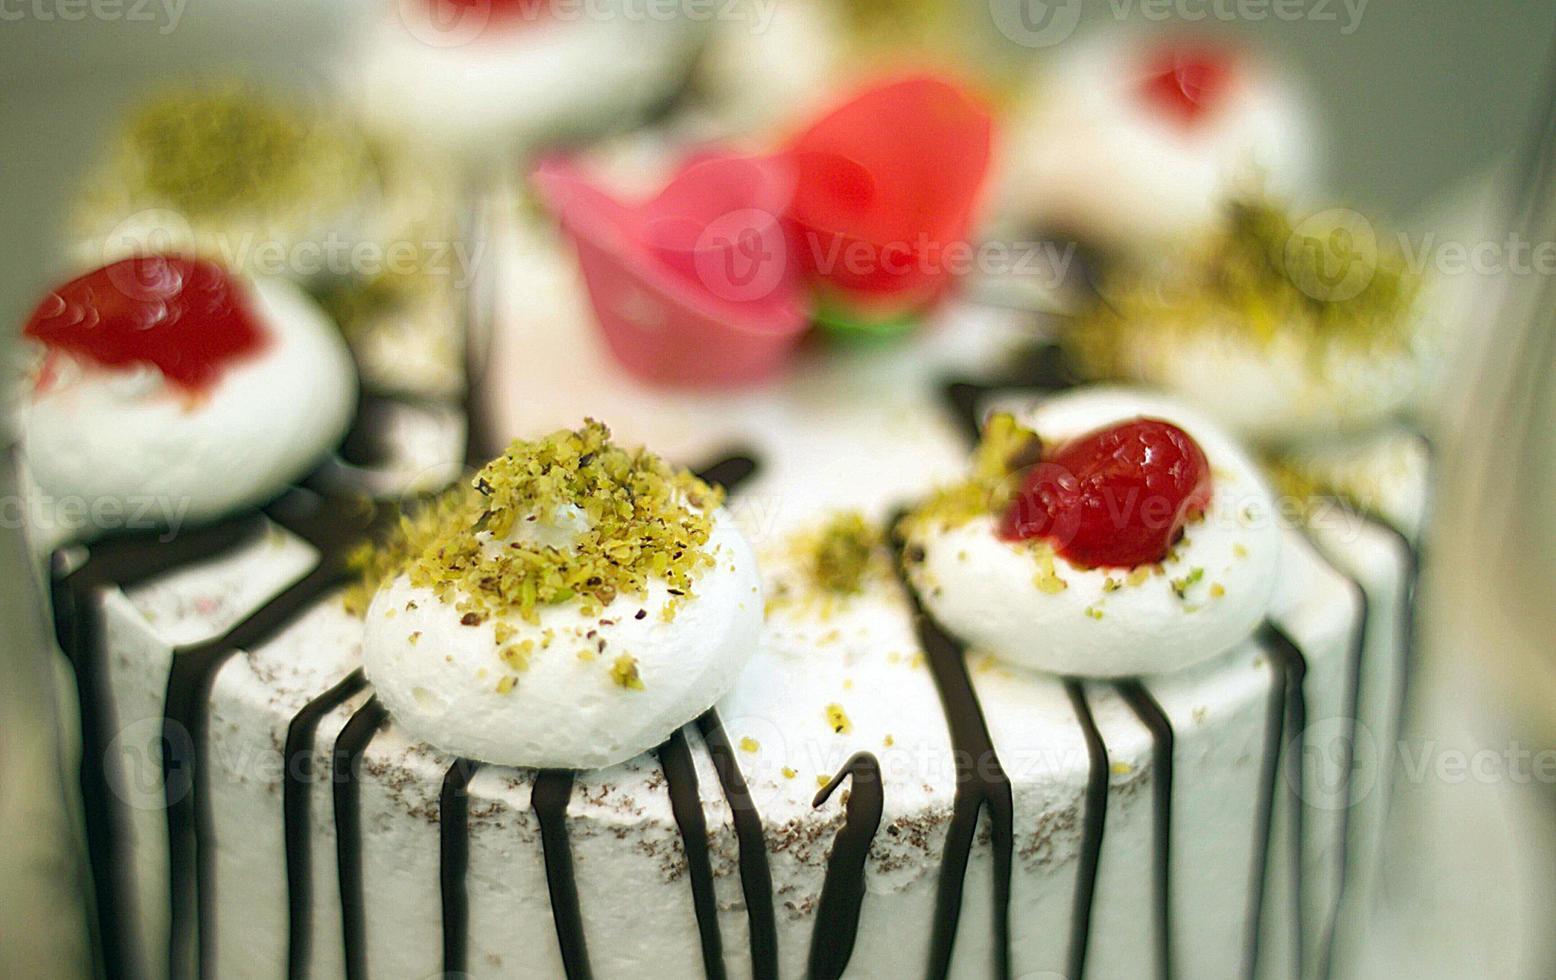 Catering, dekorative Kuchen. foto